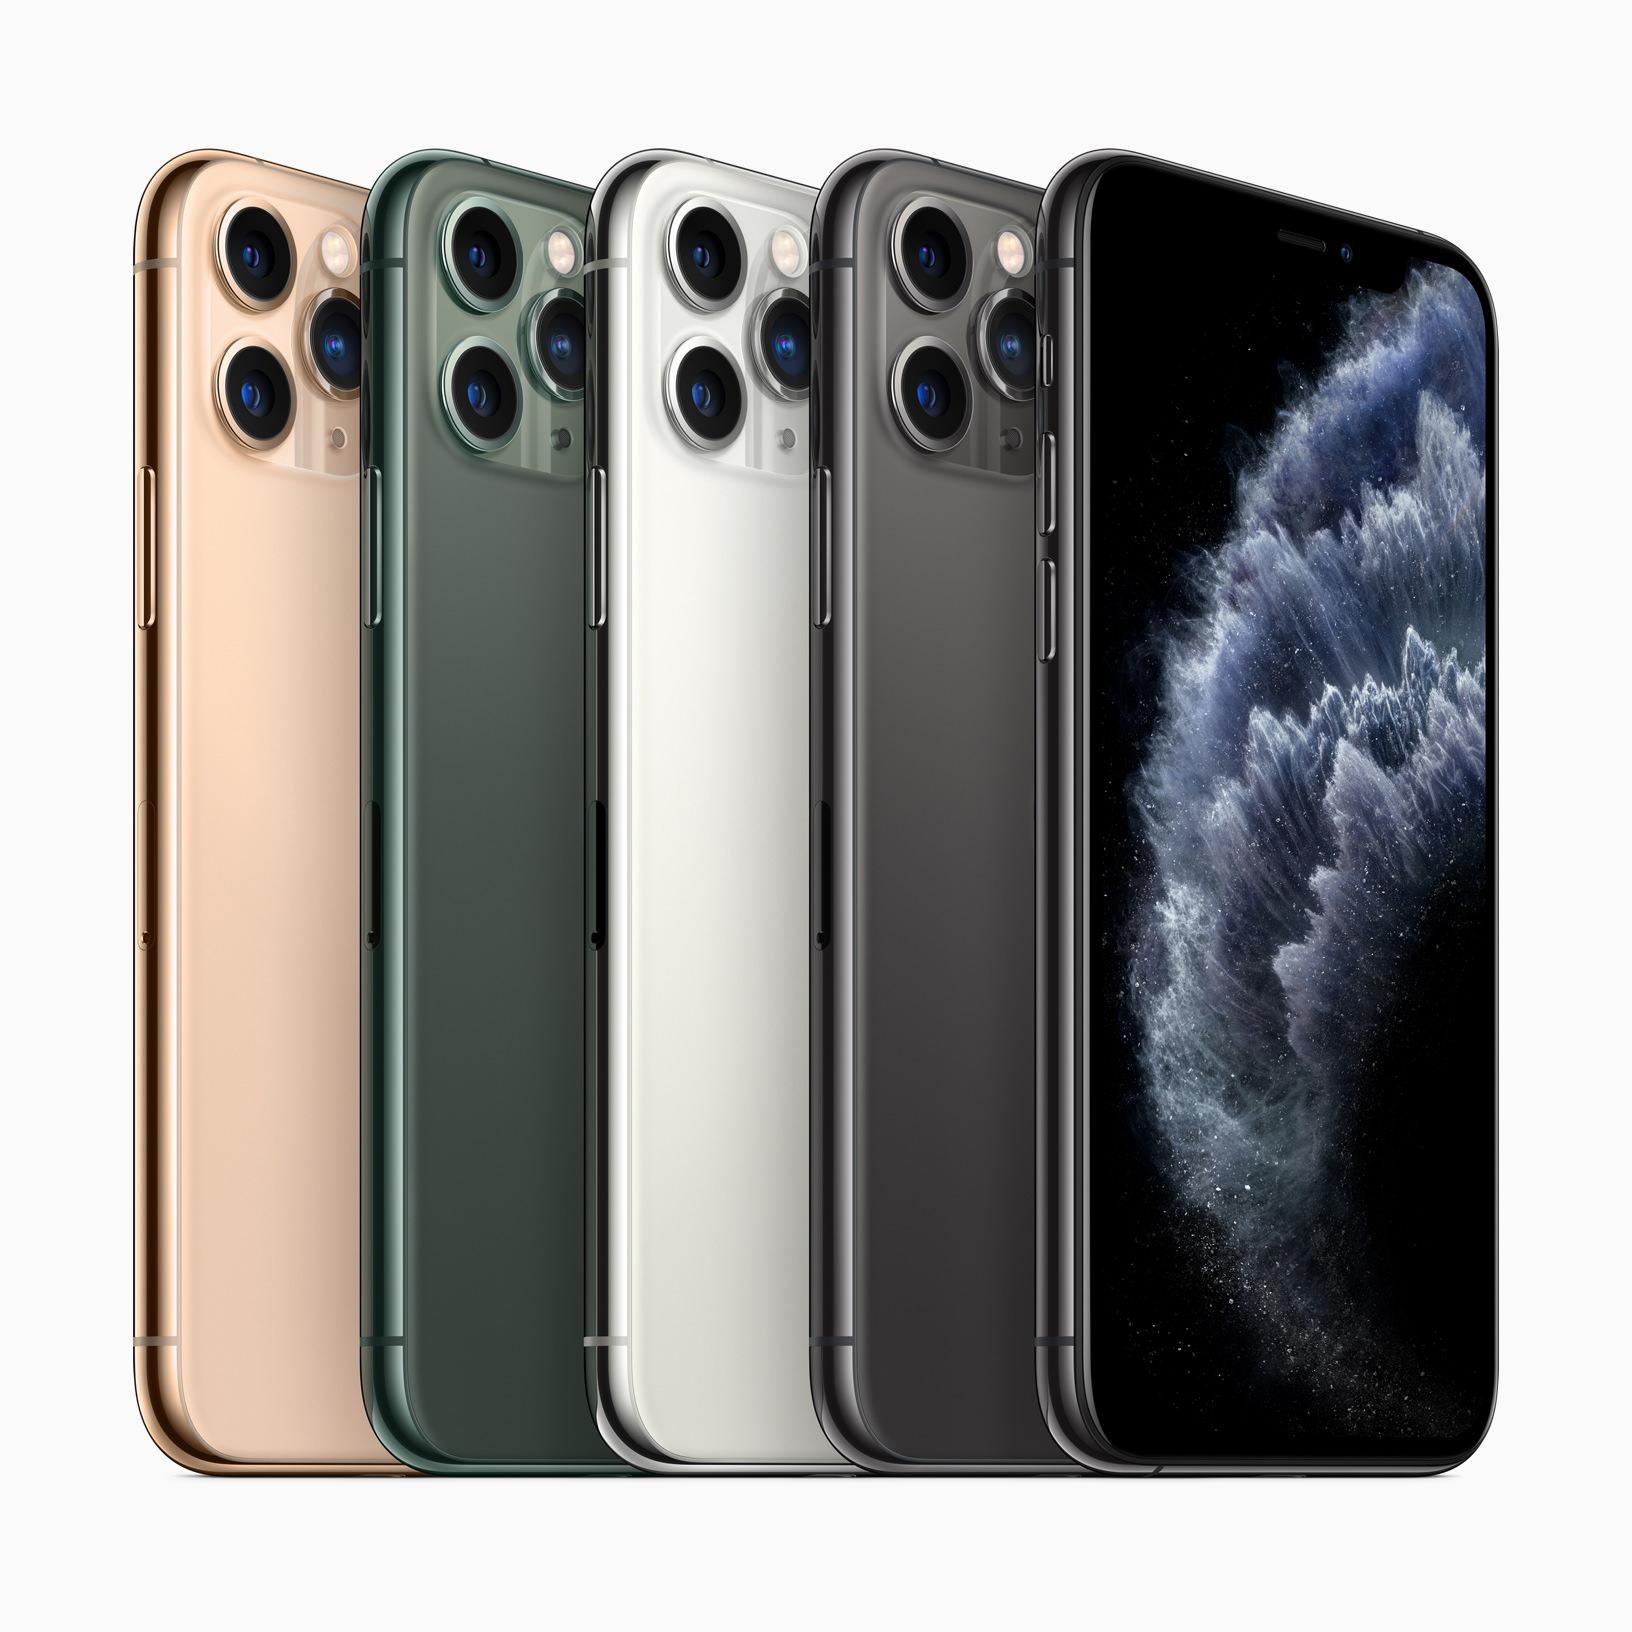 Giá iPhone 11 Pro max mobilecenter đà nẵng